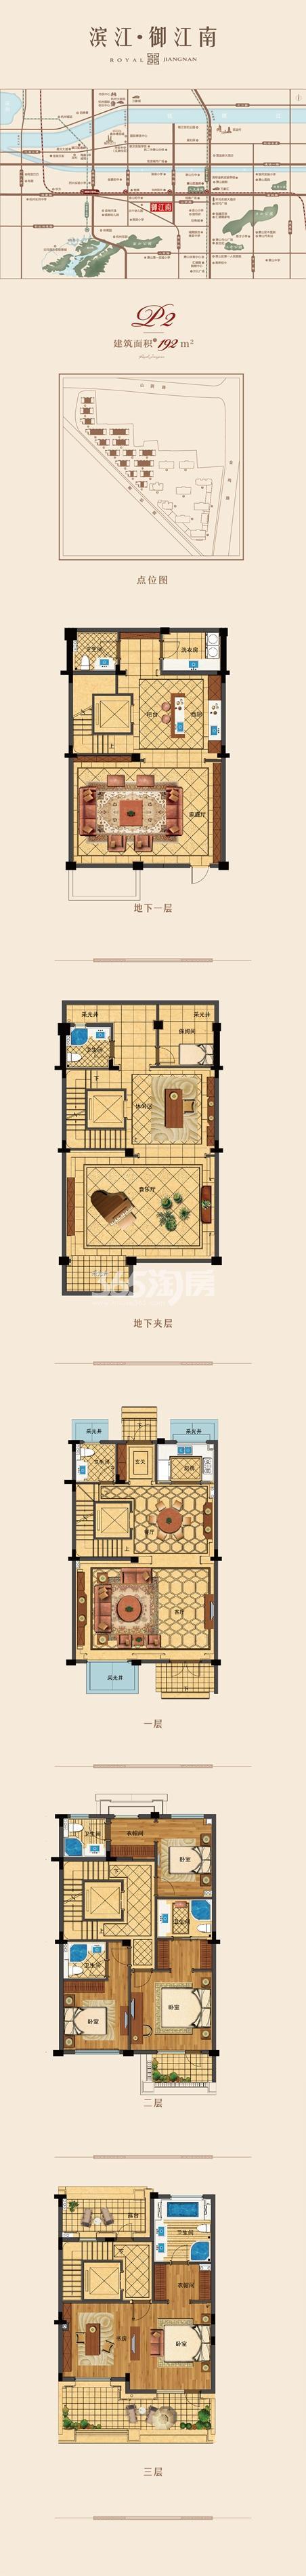 滨江御江南排屋192方户型(10-24#)